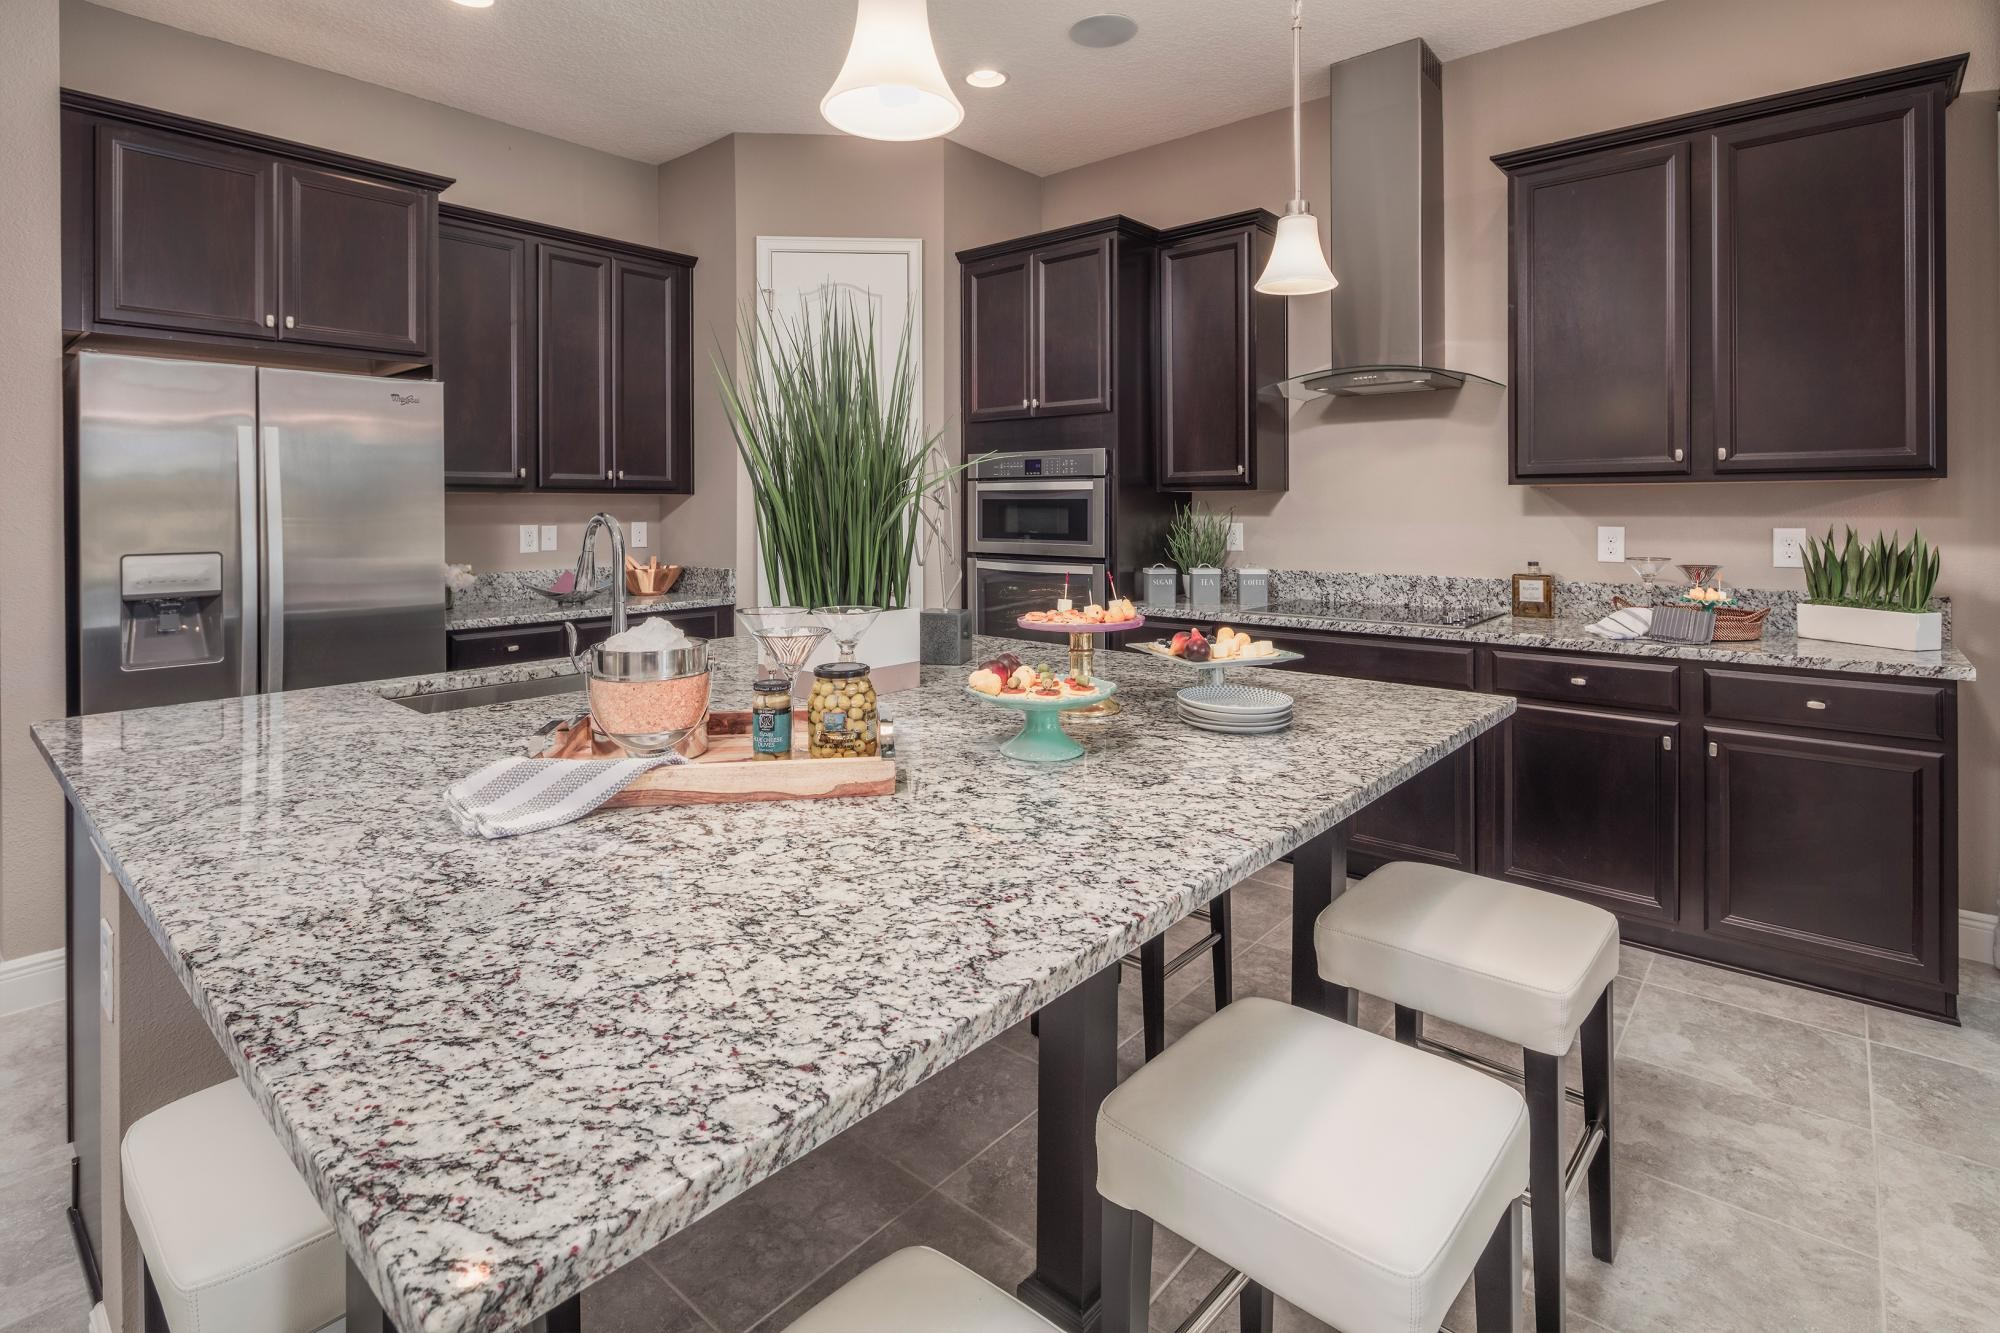 330598512664437_muirfield-kitchen.jpg